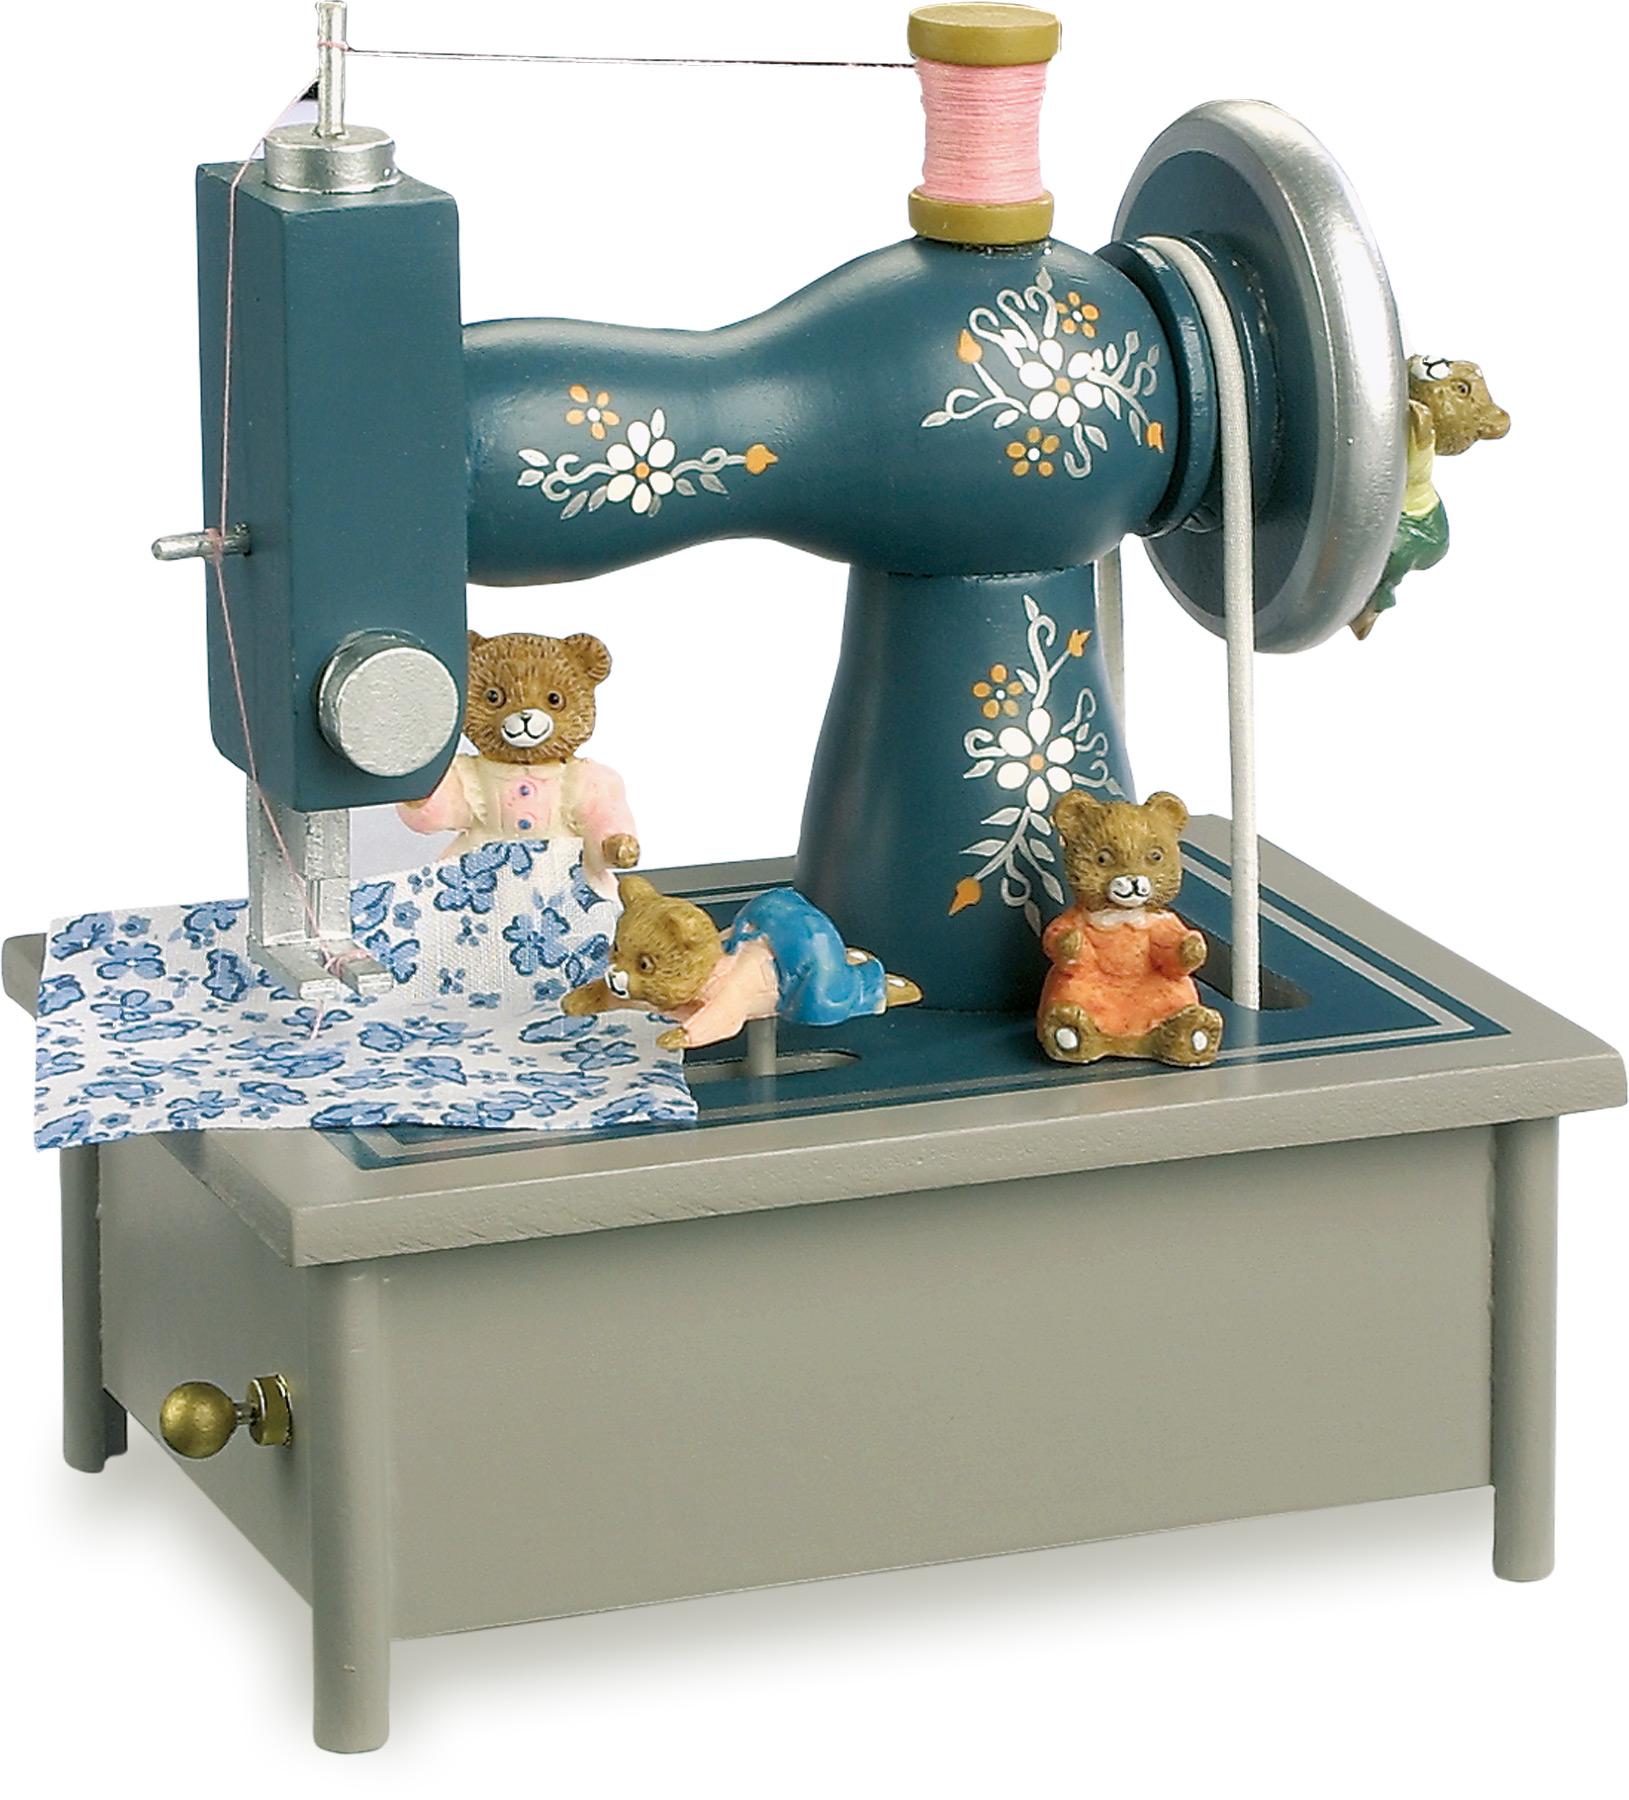 Carillon macchina da cucire for Macchina da cucire portatile prezzi